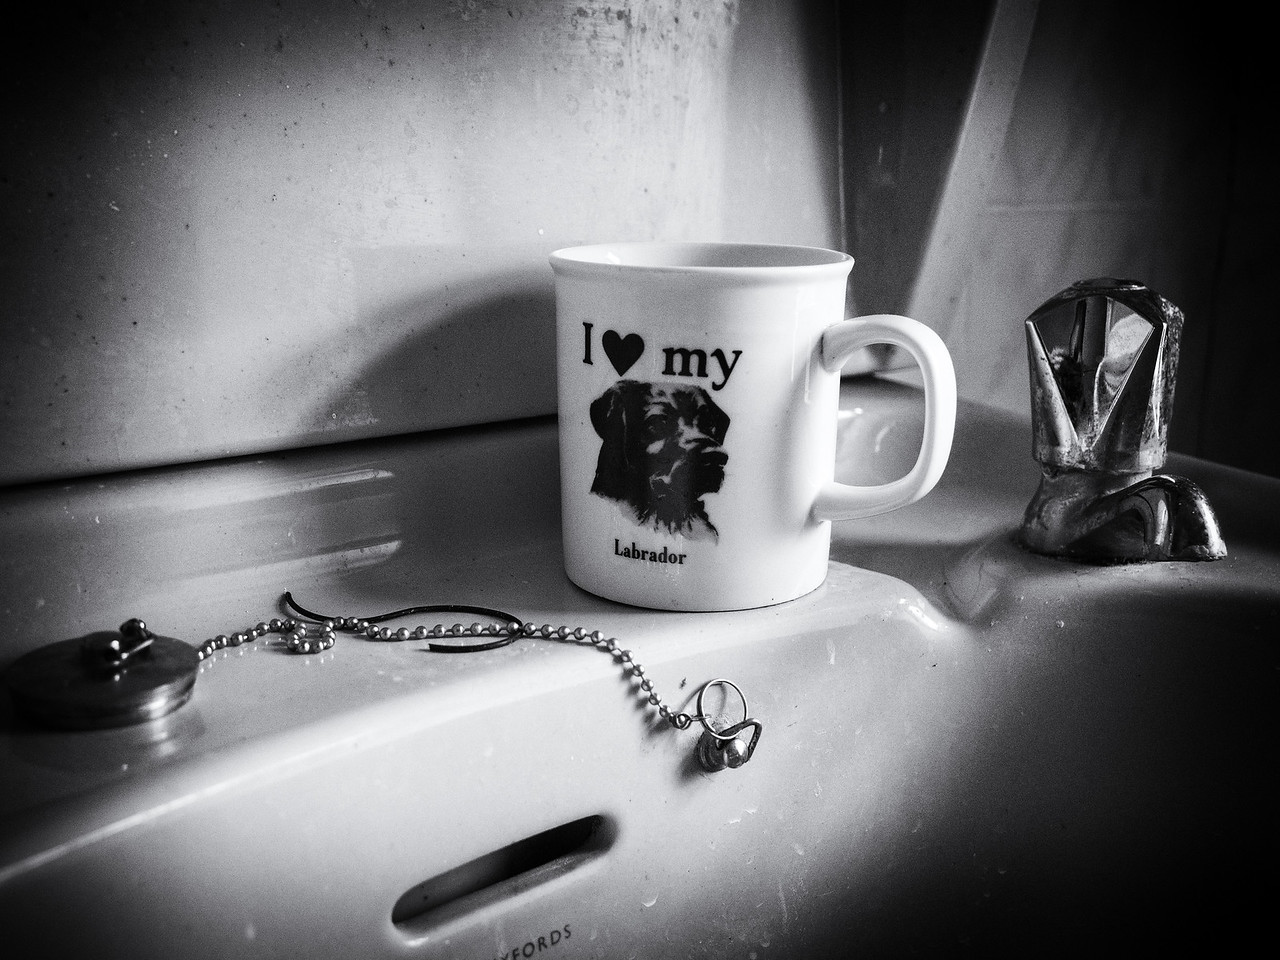 I ❤ My Labrador